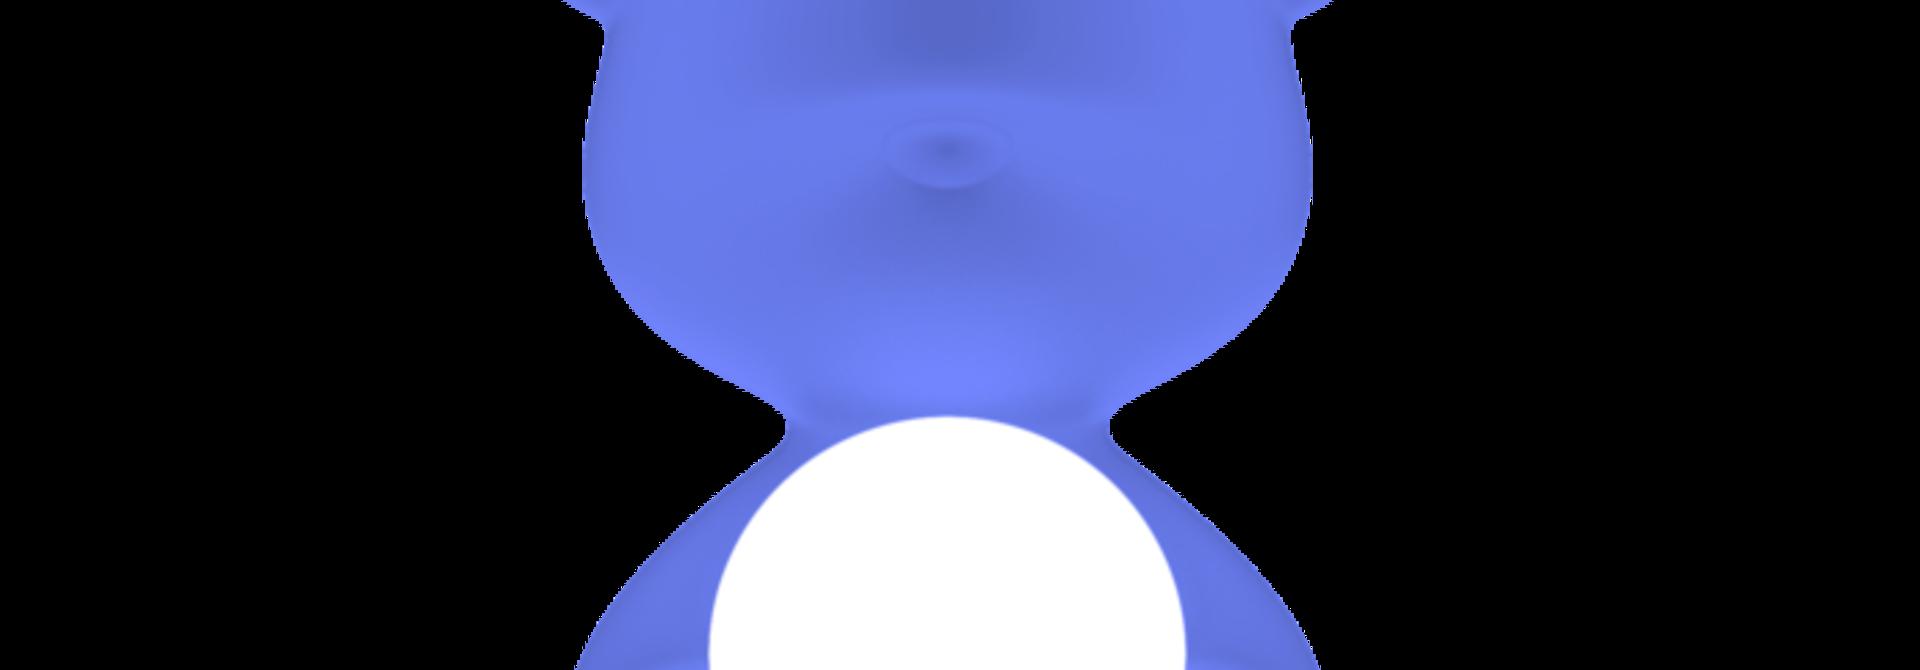 QEEBOO - Blue Teddy Girl Lamp